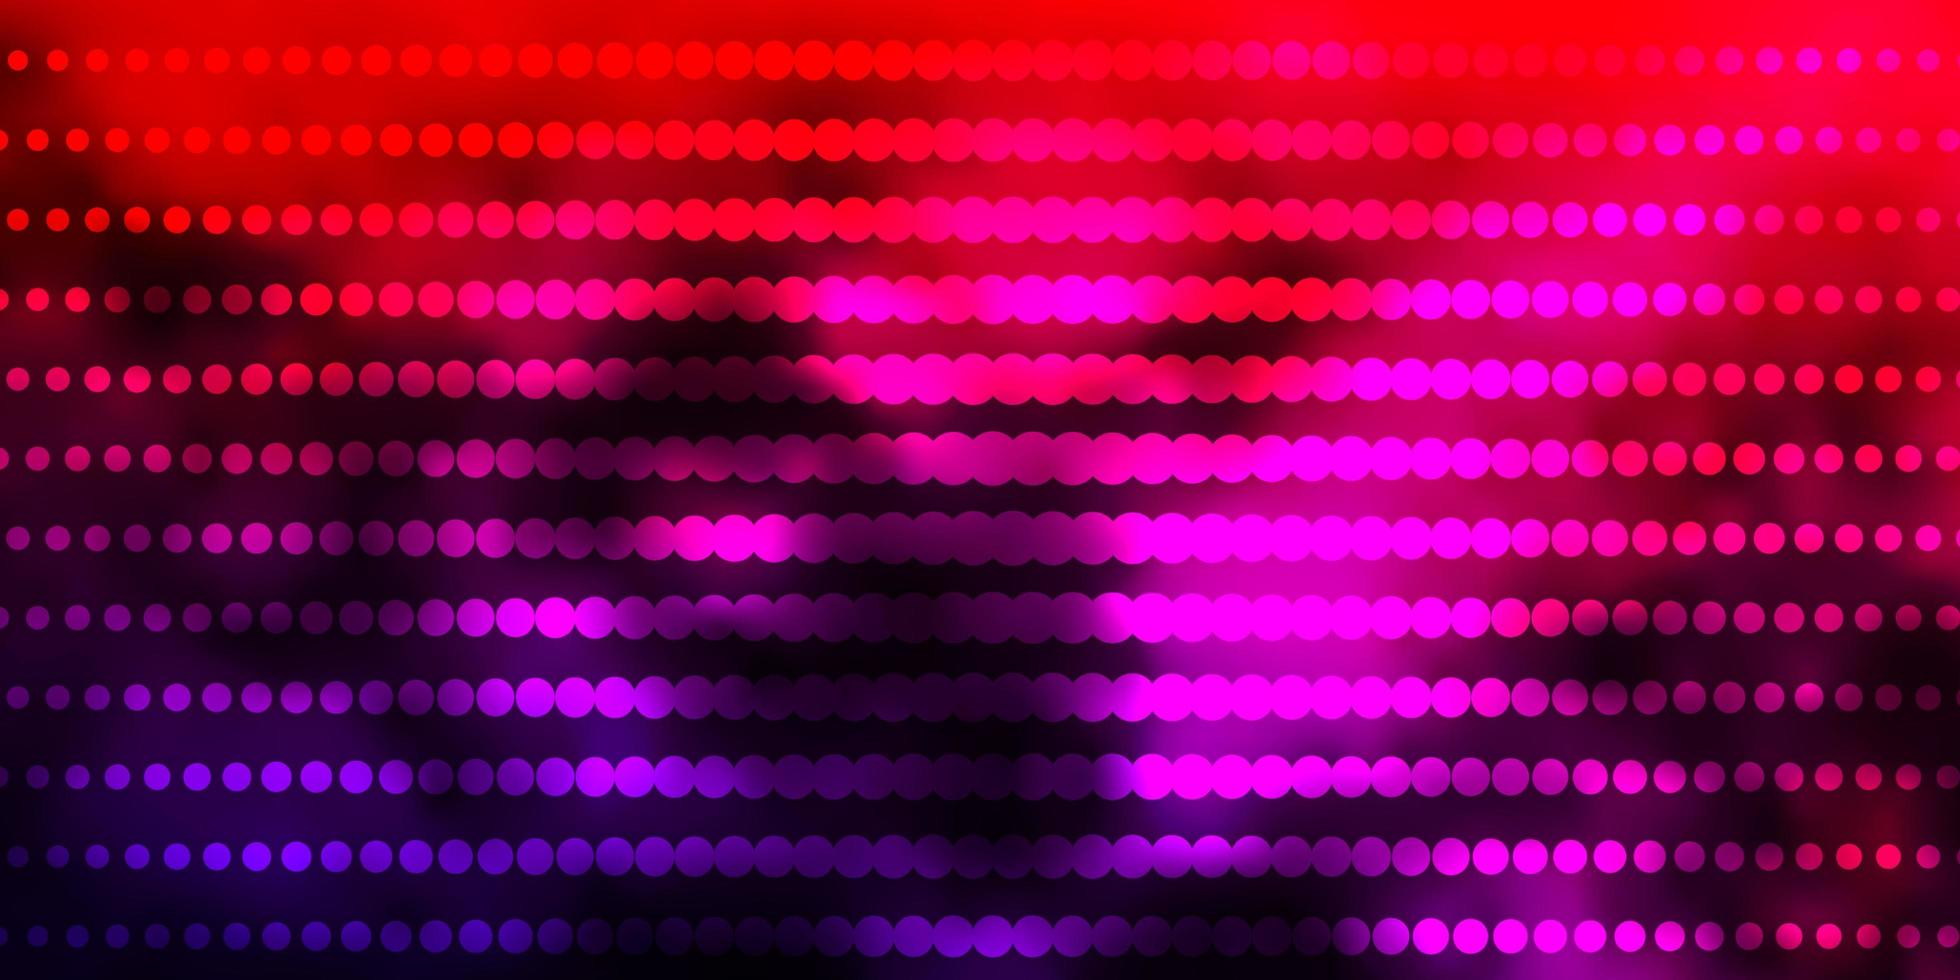 sfondo vettoriale rosa scuro, rosso con cerchi.